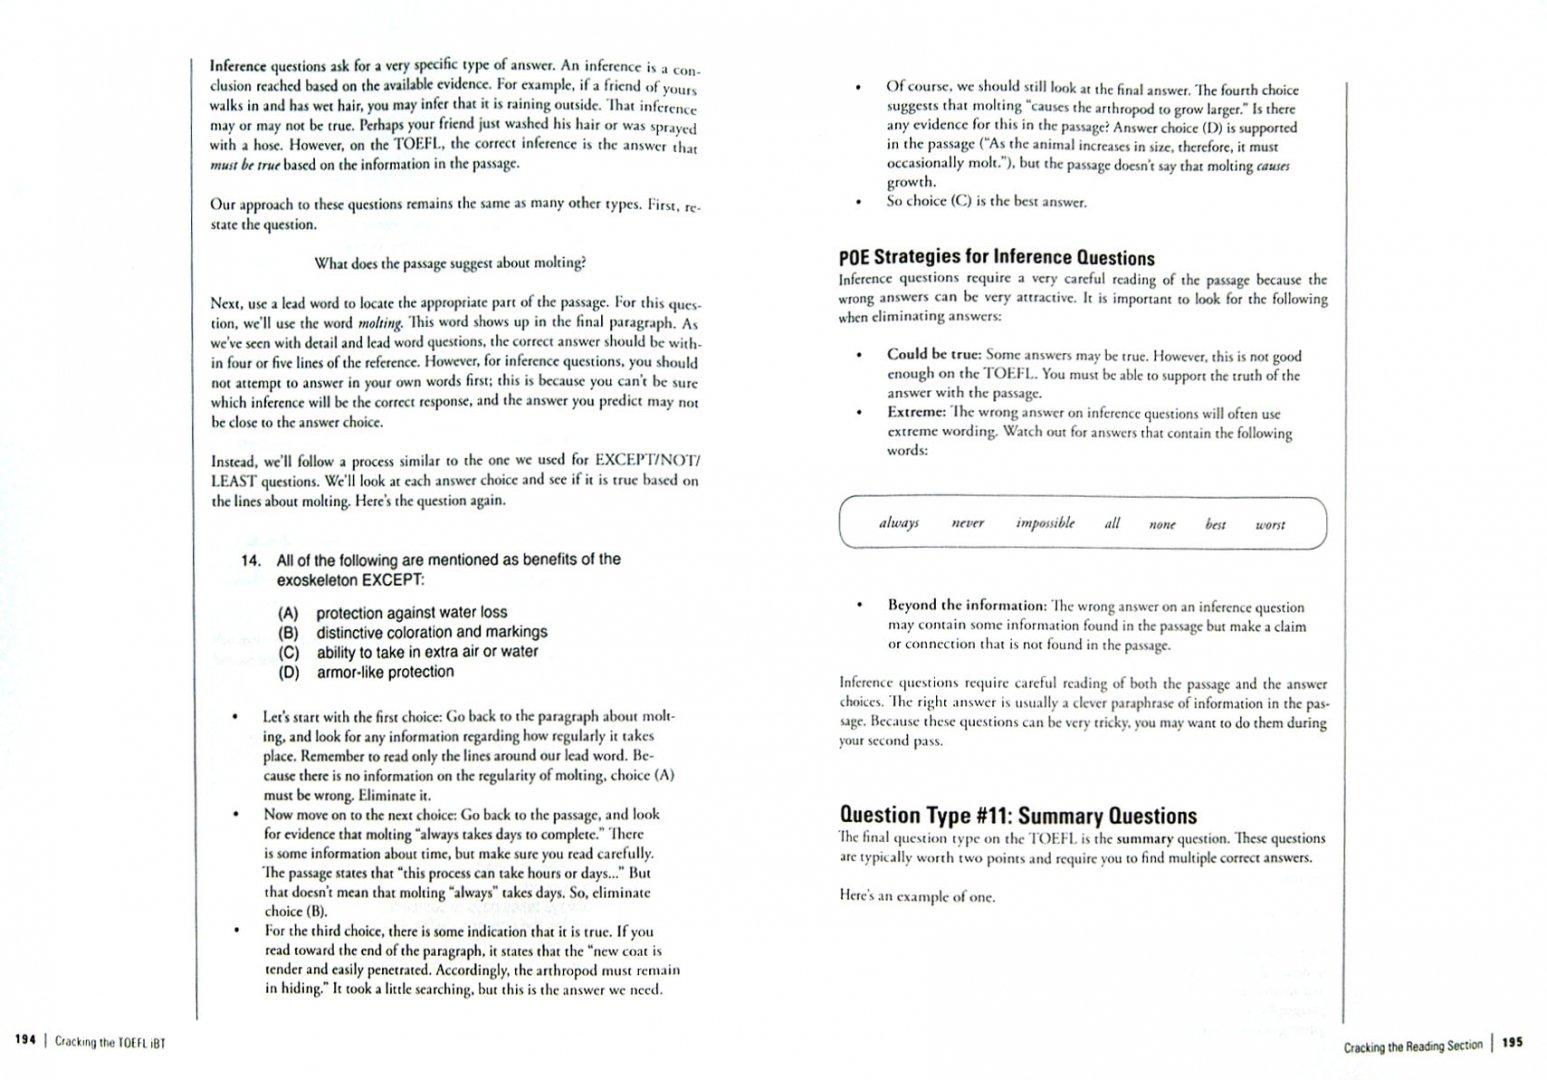 Иллюстрация 1 из 8 для Cracking TOEFL iBT. 2014 Edition (+CD) - Pierce, Kinsell | Лабиринт - книги. Источник: Лабиринт